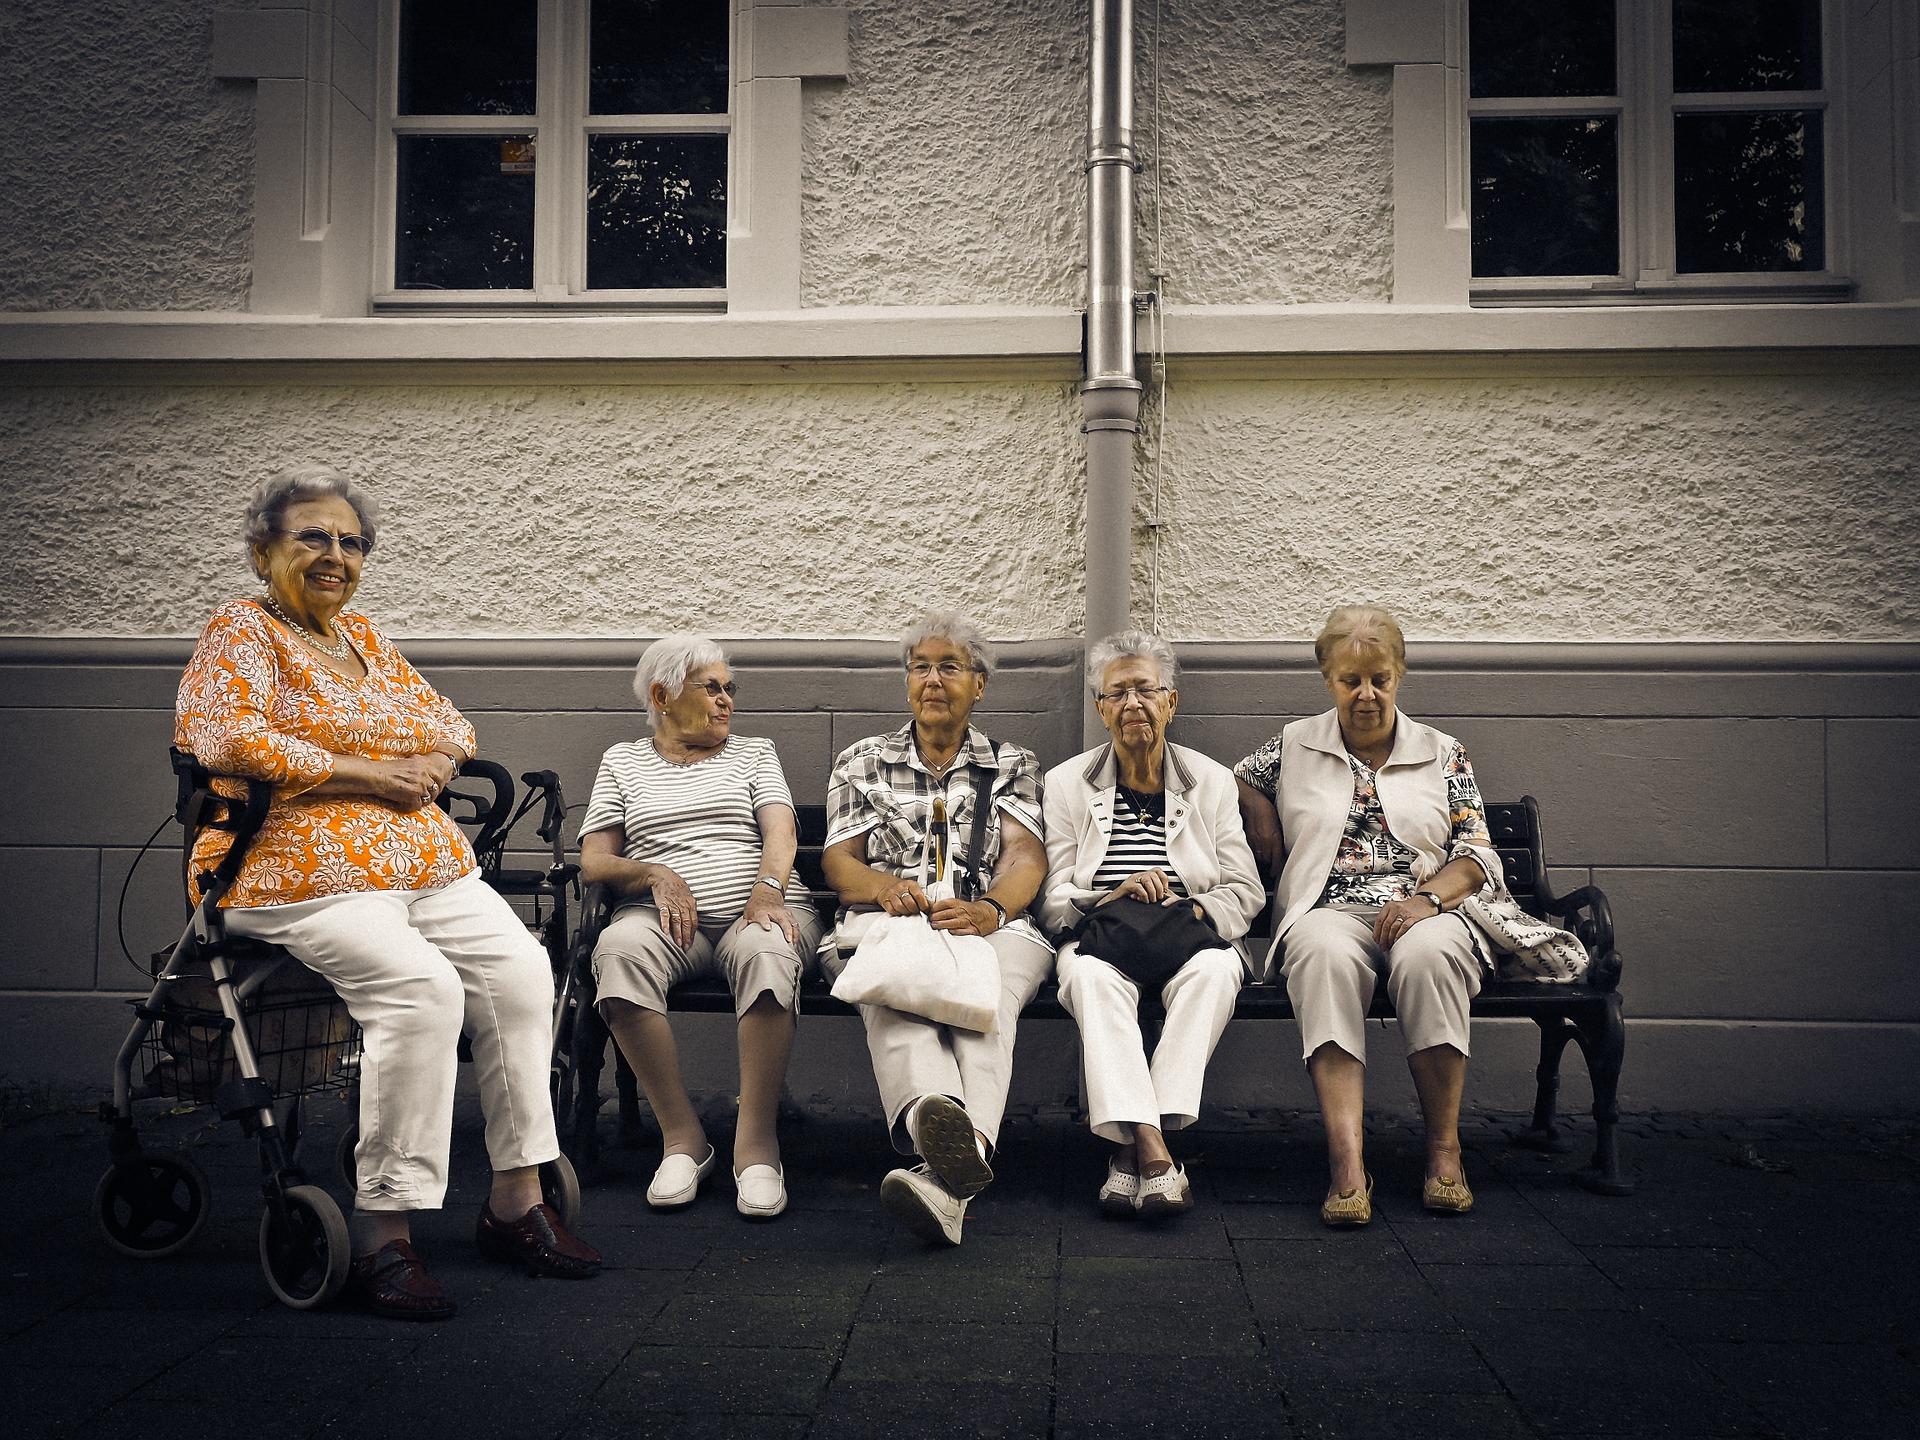 Gruppe von Seniorinnen auf einer Bank, eine mit Rollator.